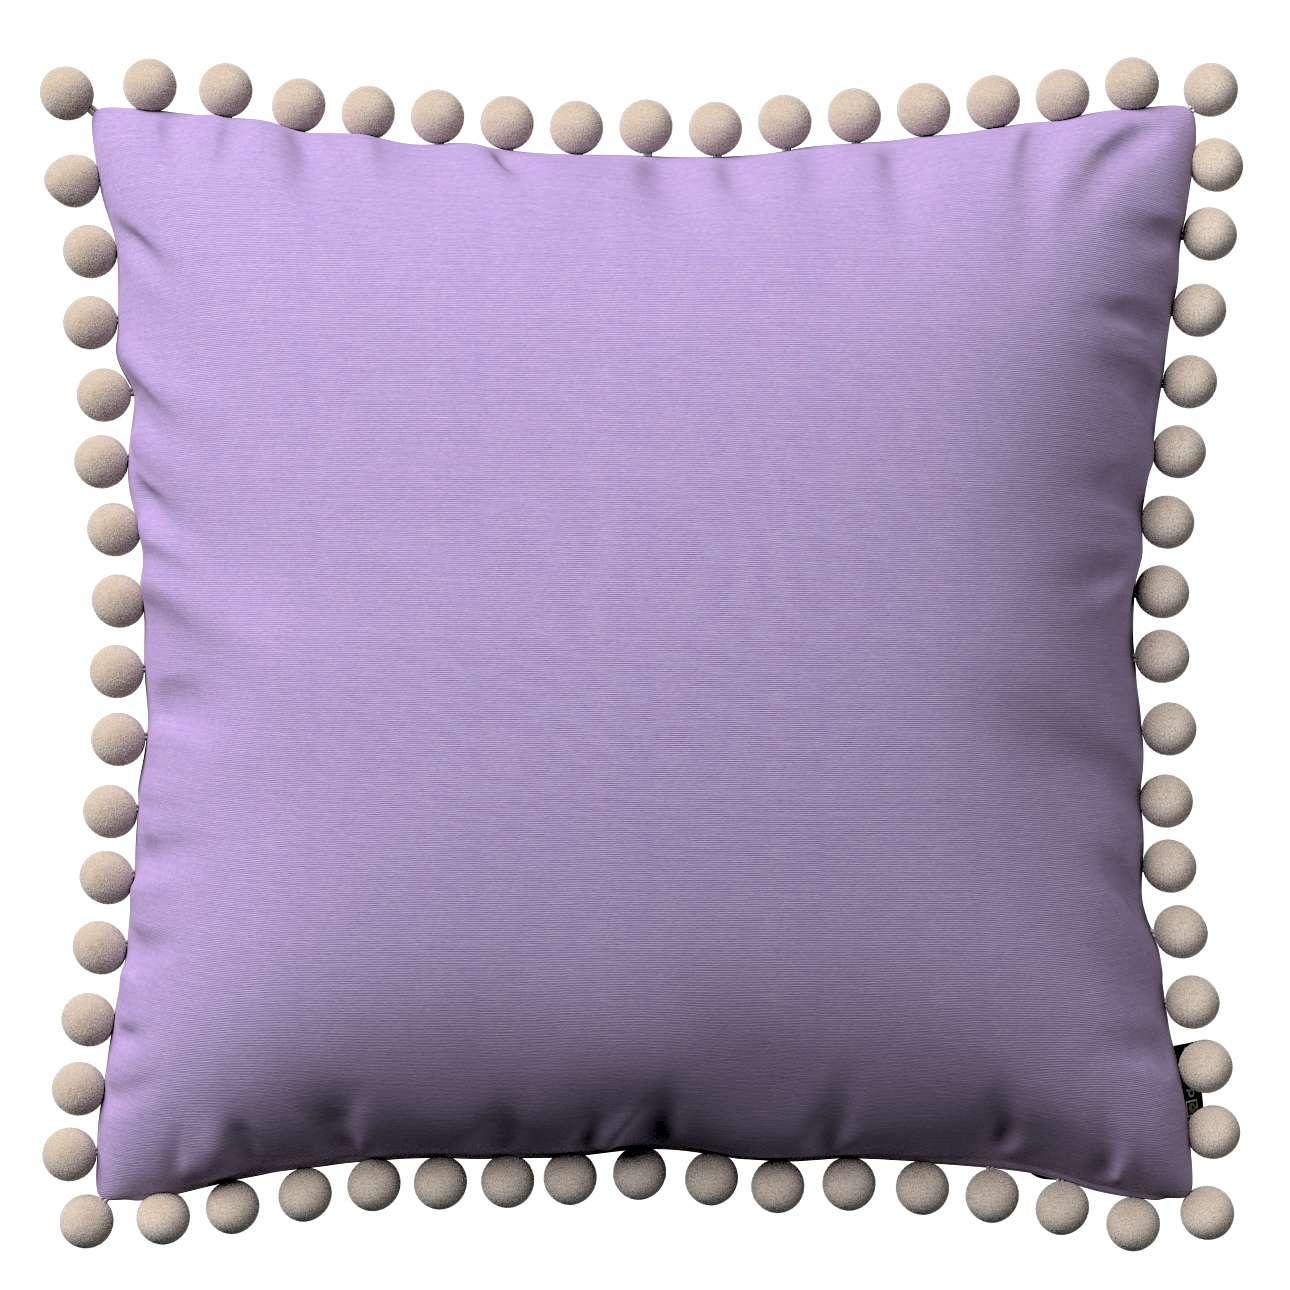 Wera dekoratyvinės pagalvėlės su žaismingais kraštais 45 x 45 cm kolekcijoje Jupiter, audinys: 127-74